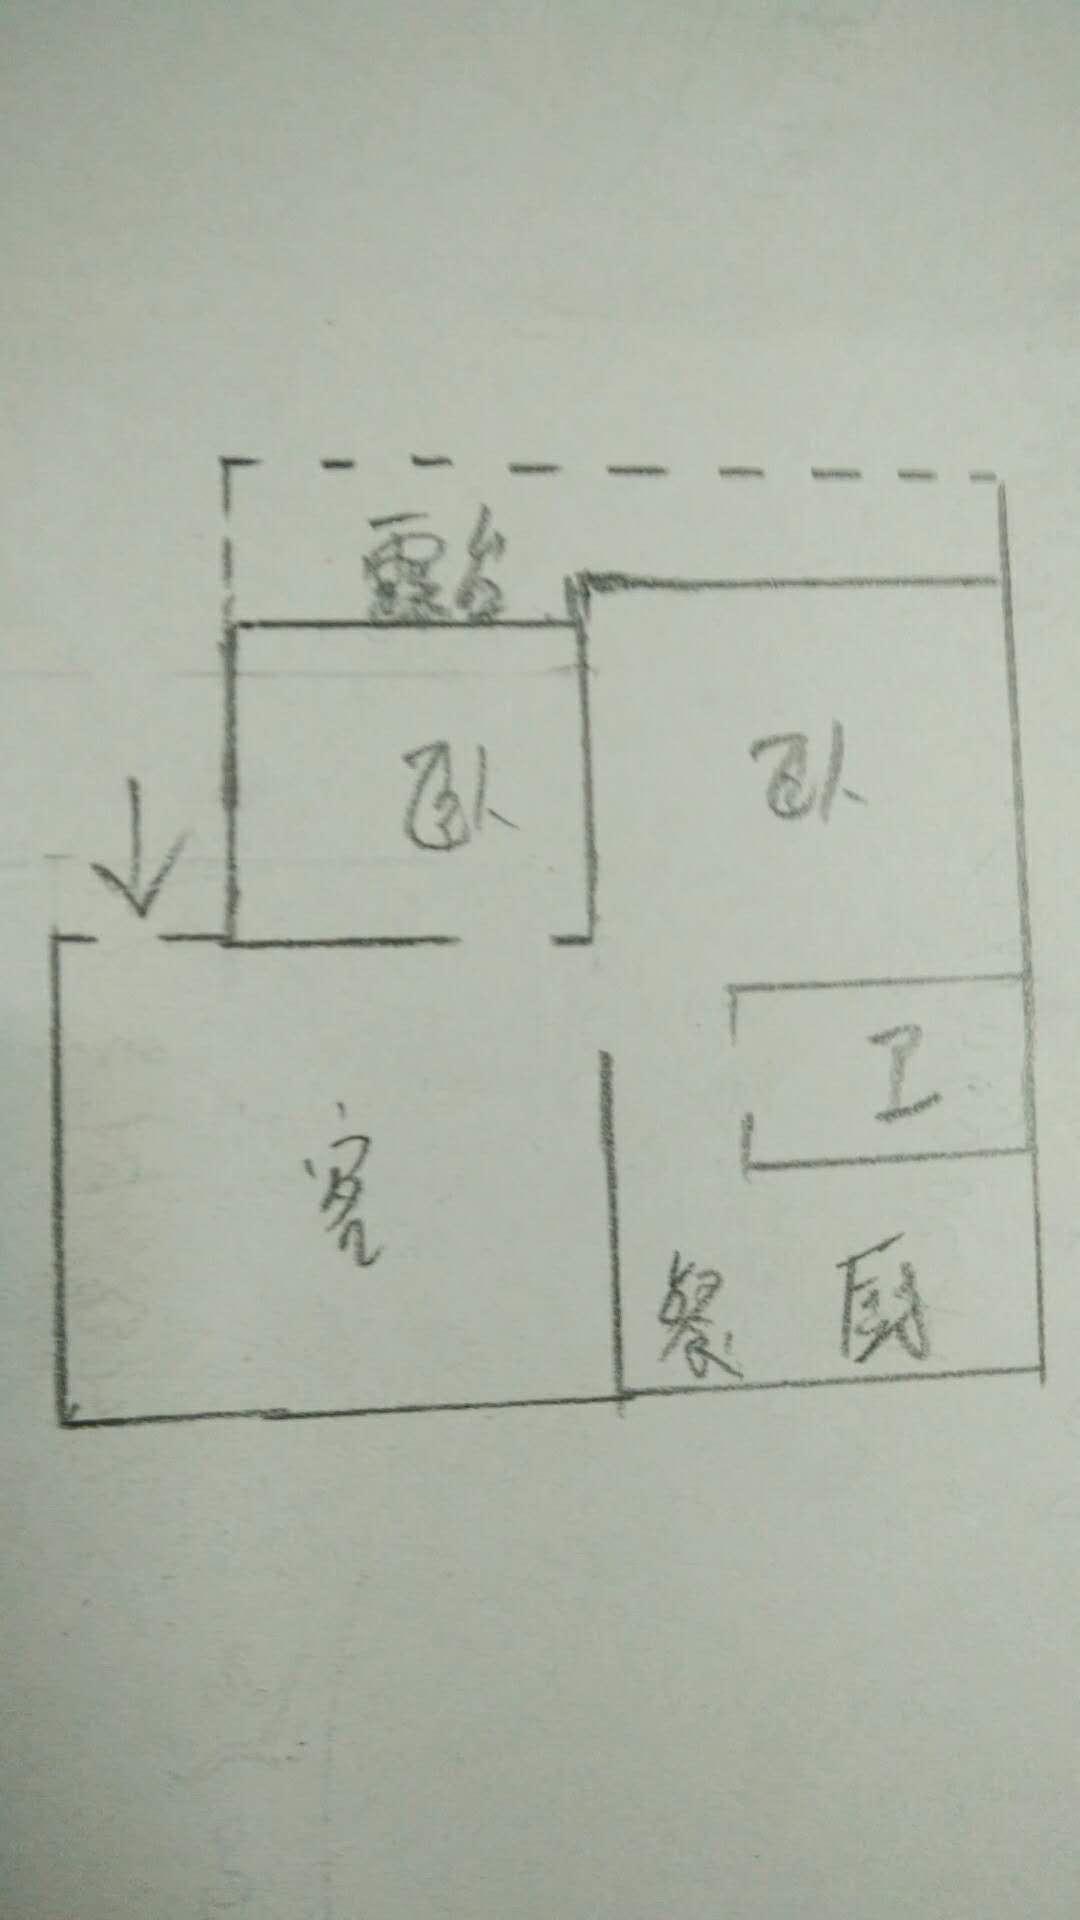 安然居宿舍 2室2厅 3楼